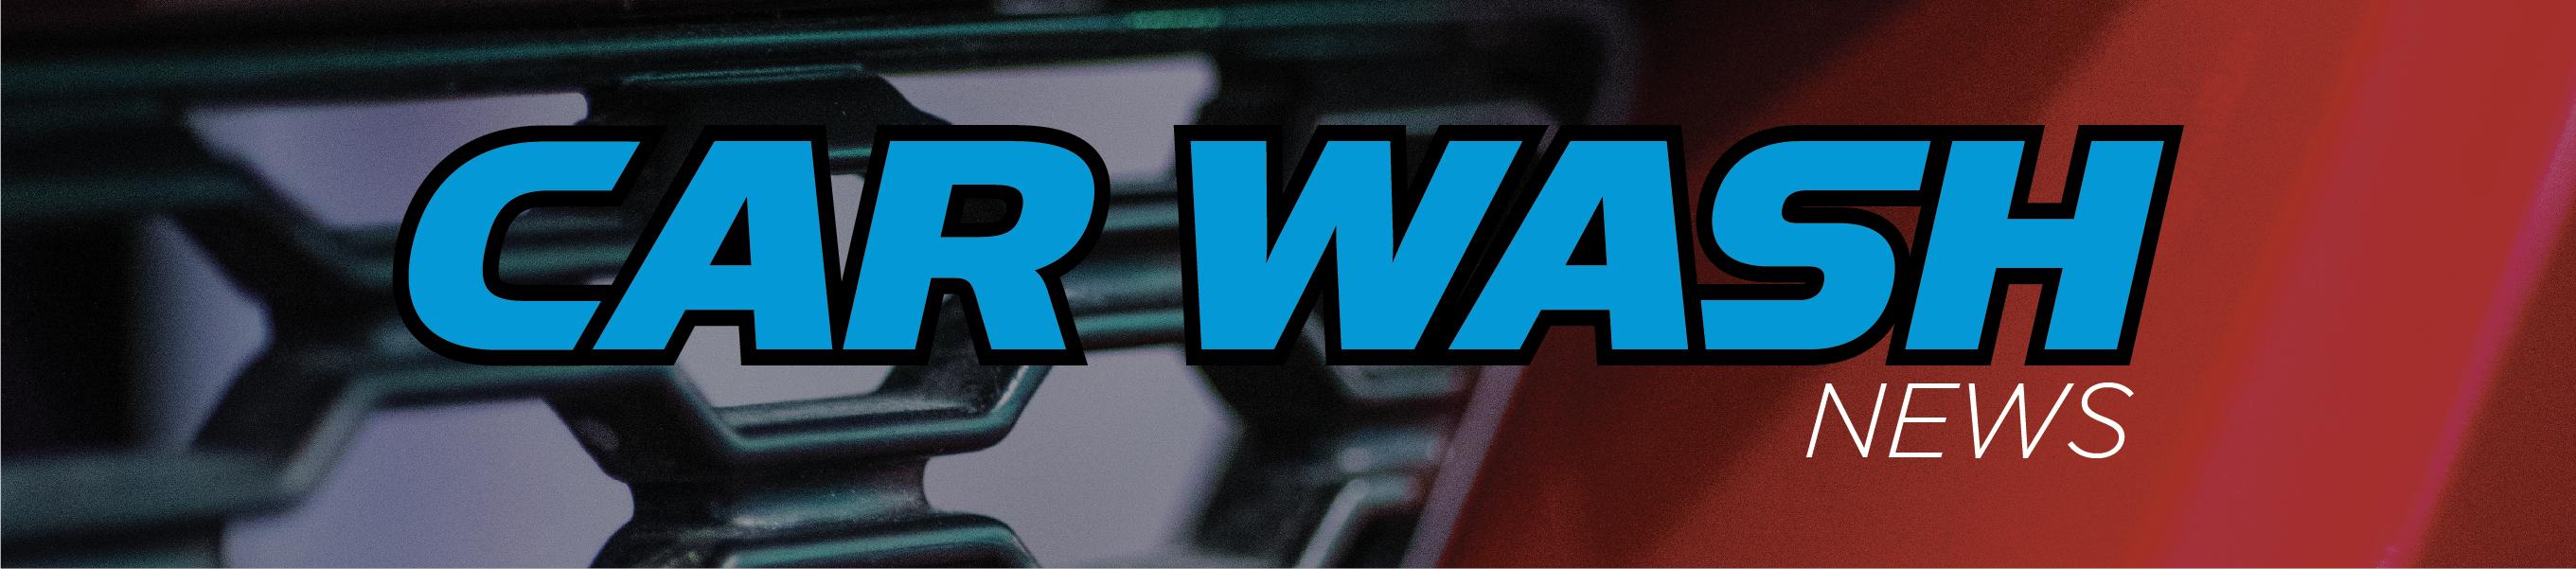 Car Wash News